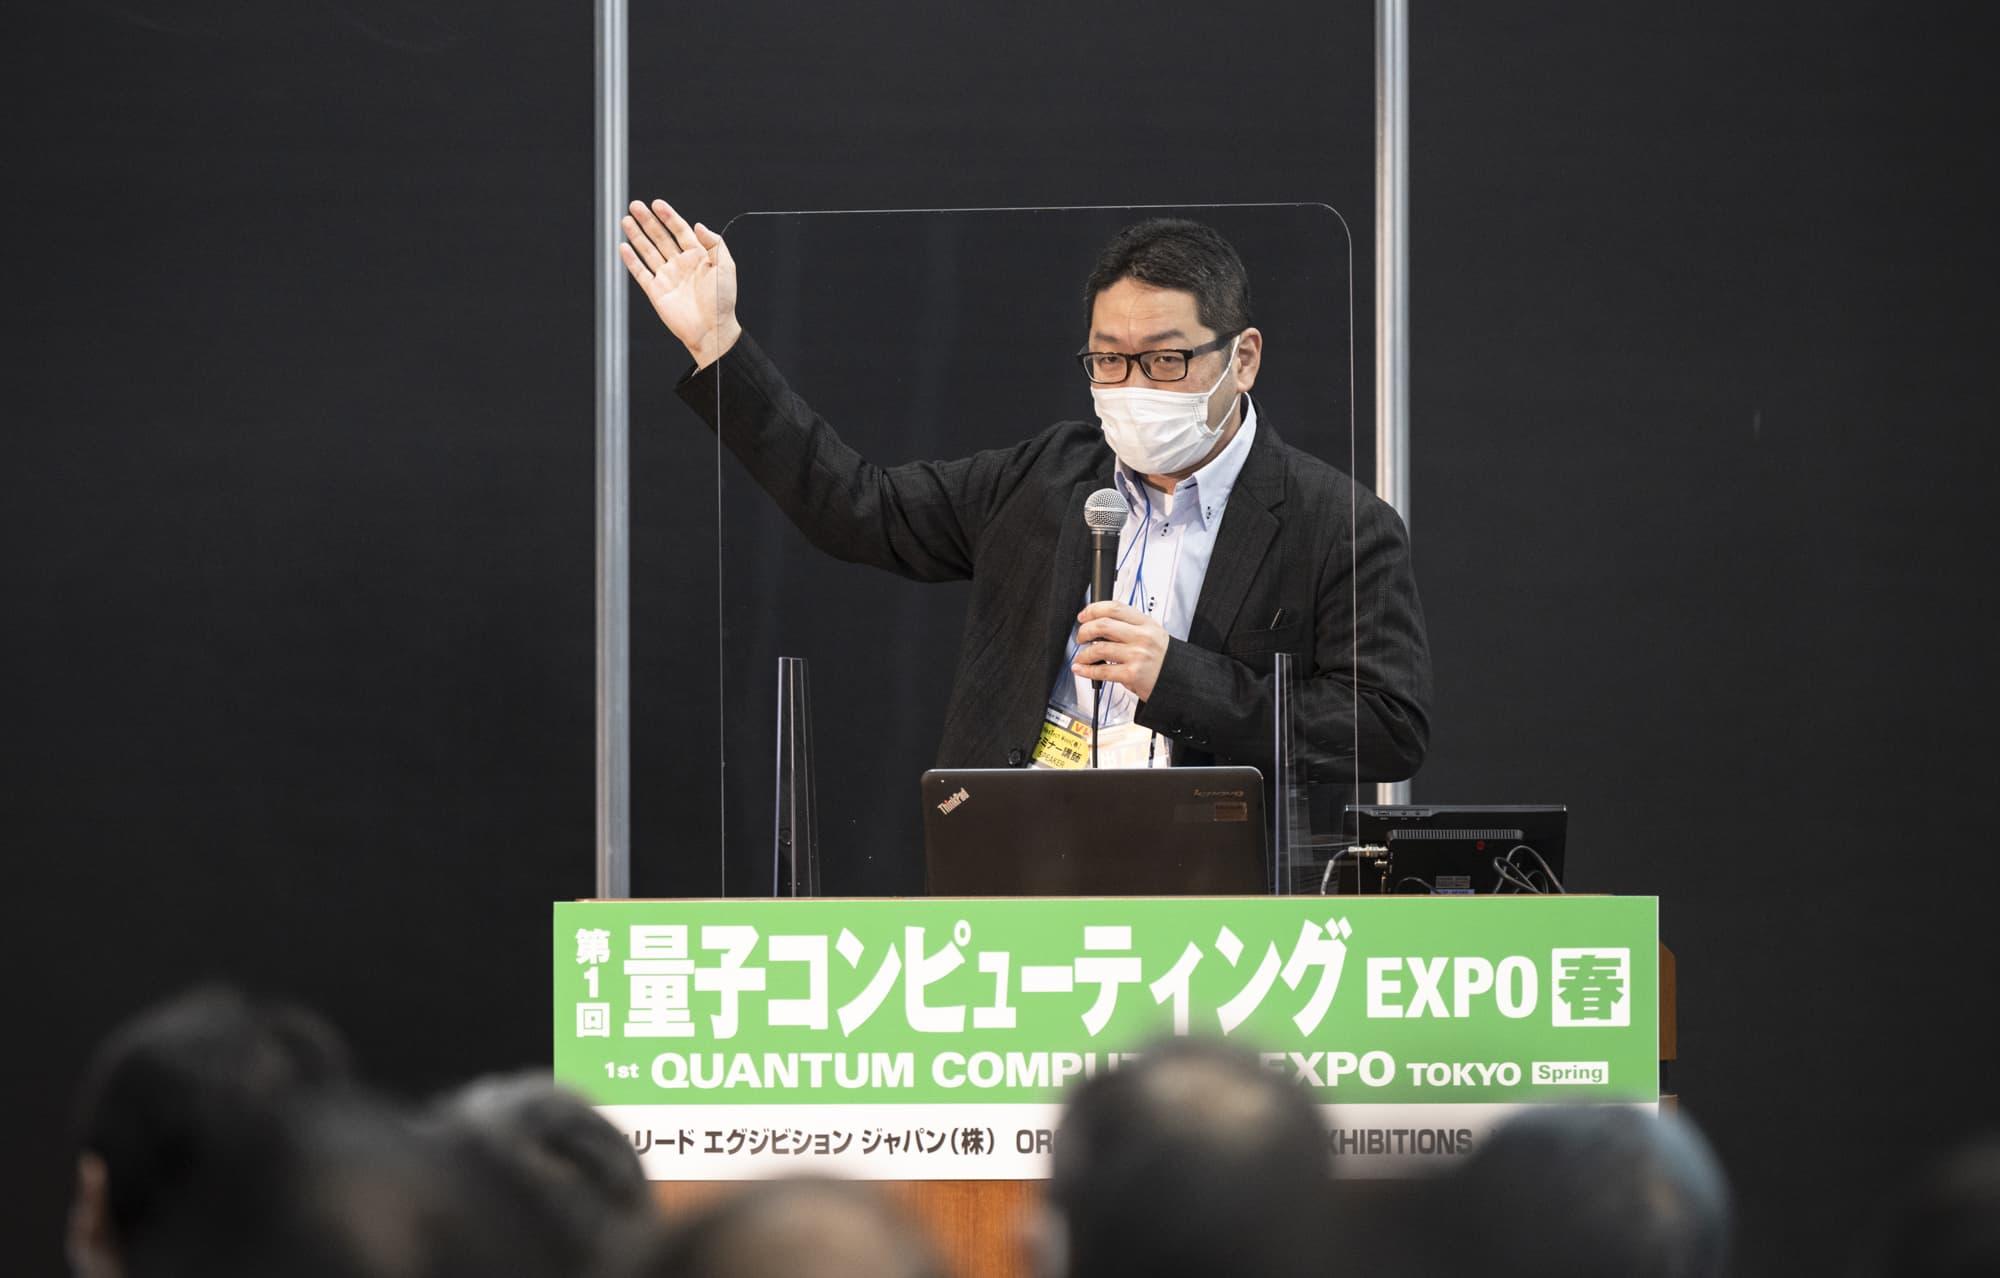 「第1回量子コンピューティングEXPO春」で登壇するblueqat株式会社代表取締役の湊雄一郎氏